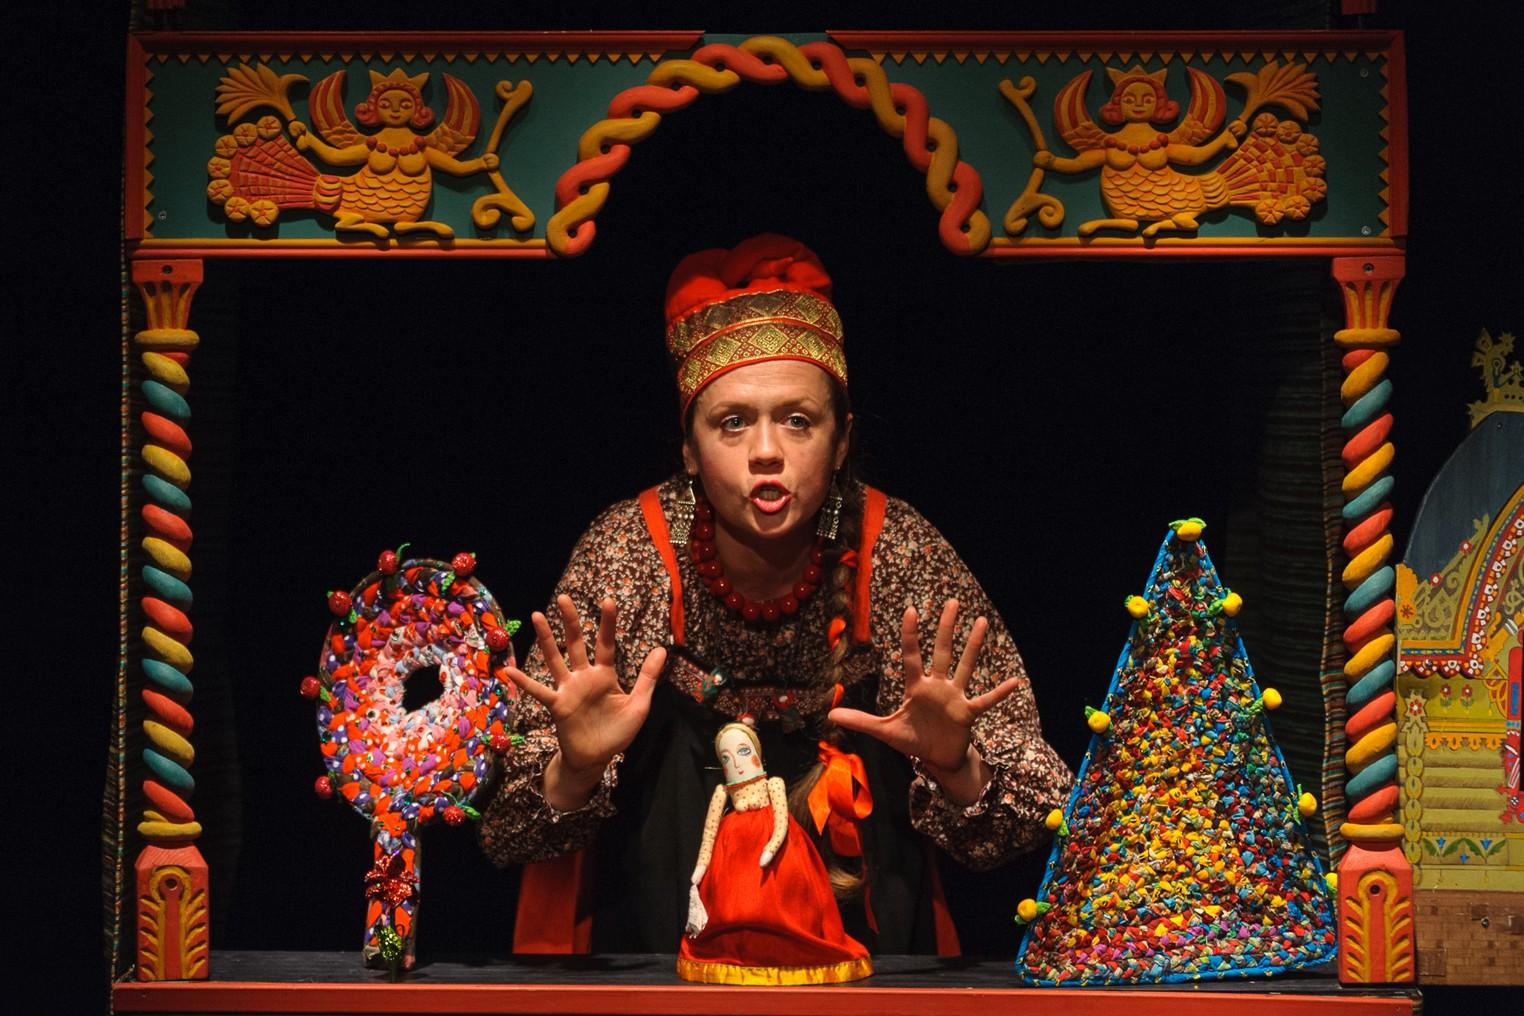 В Ташкенте пройдет XV Международный культурный фестиваль «Цветы России»